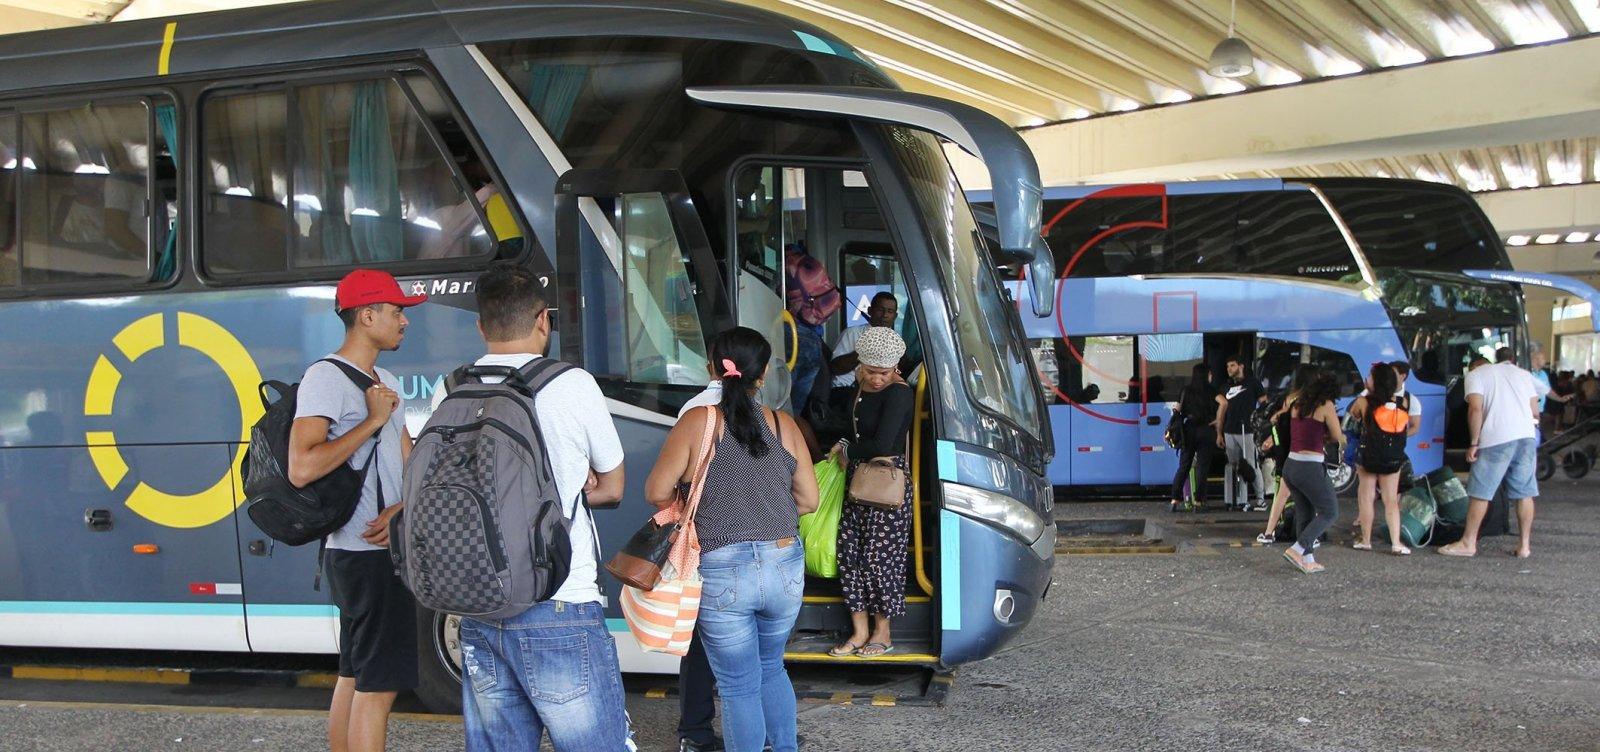 [Fechamento de rodoviárias baianas afeta cerca 137 mil passageiros]